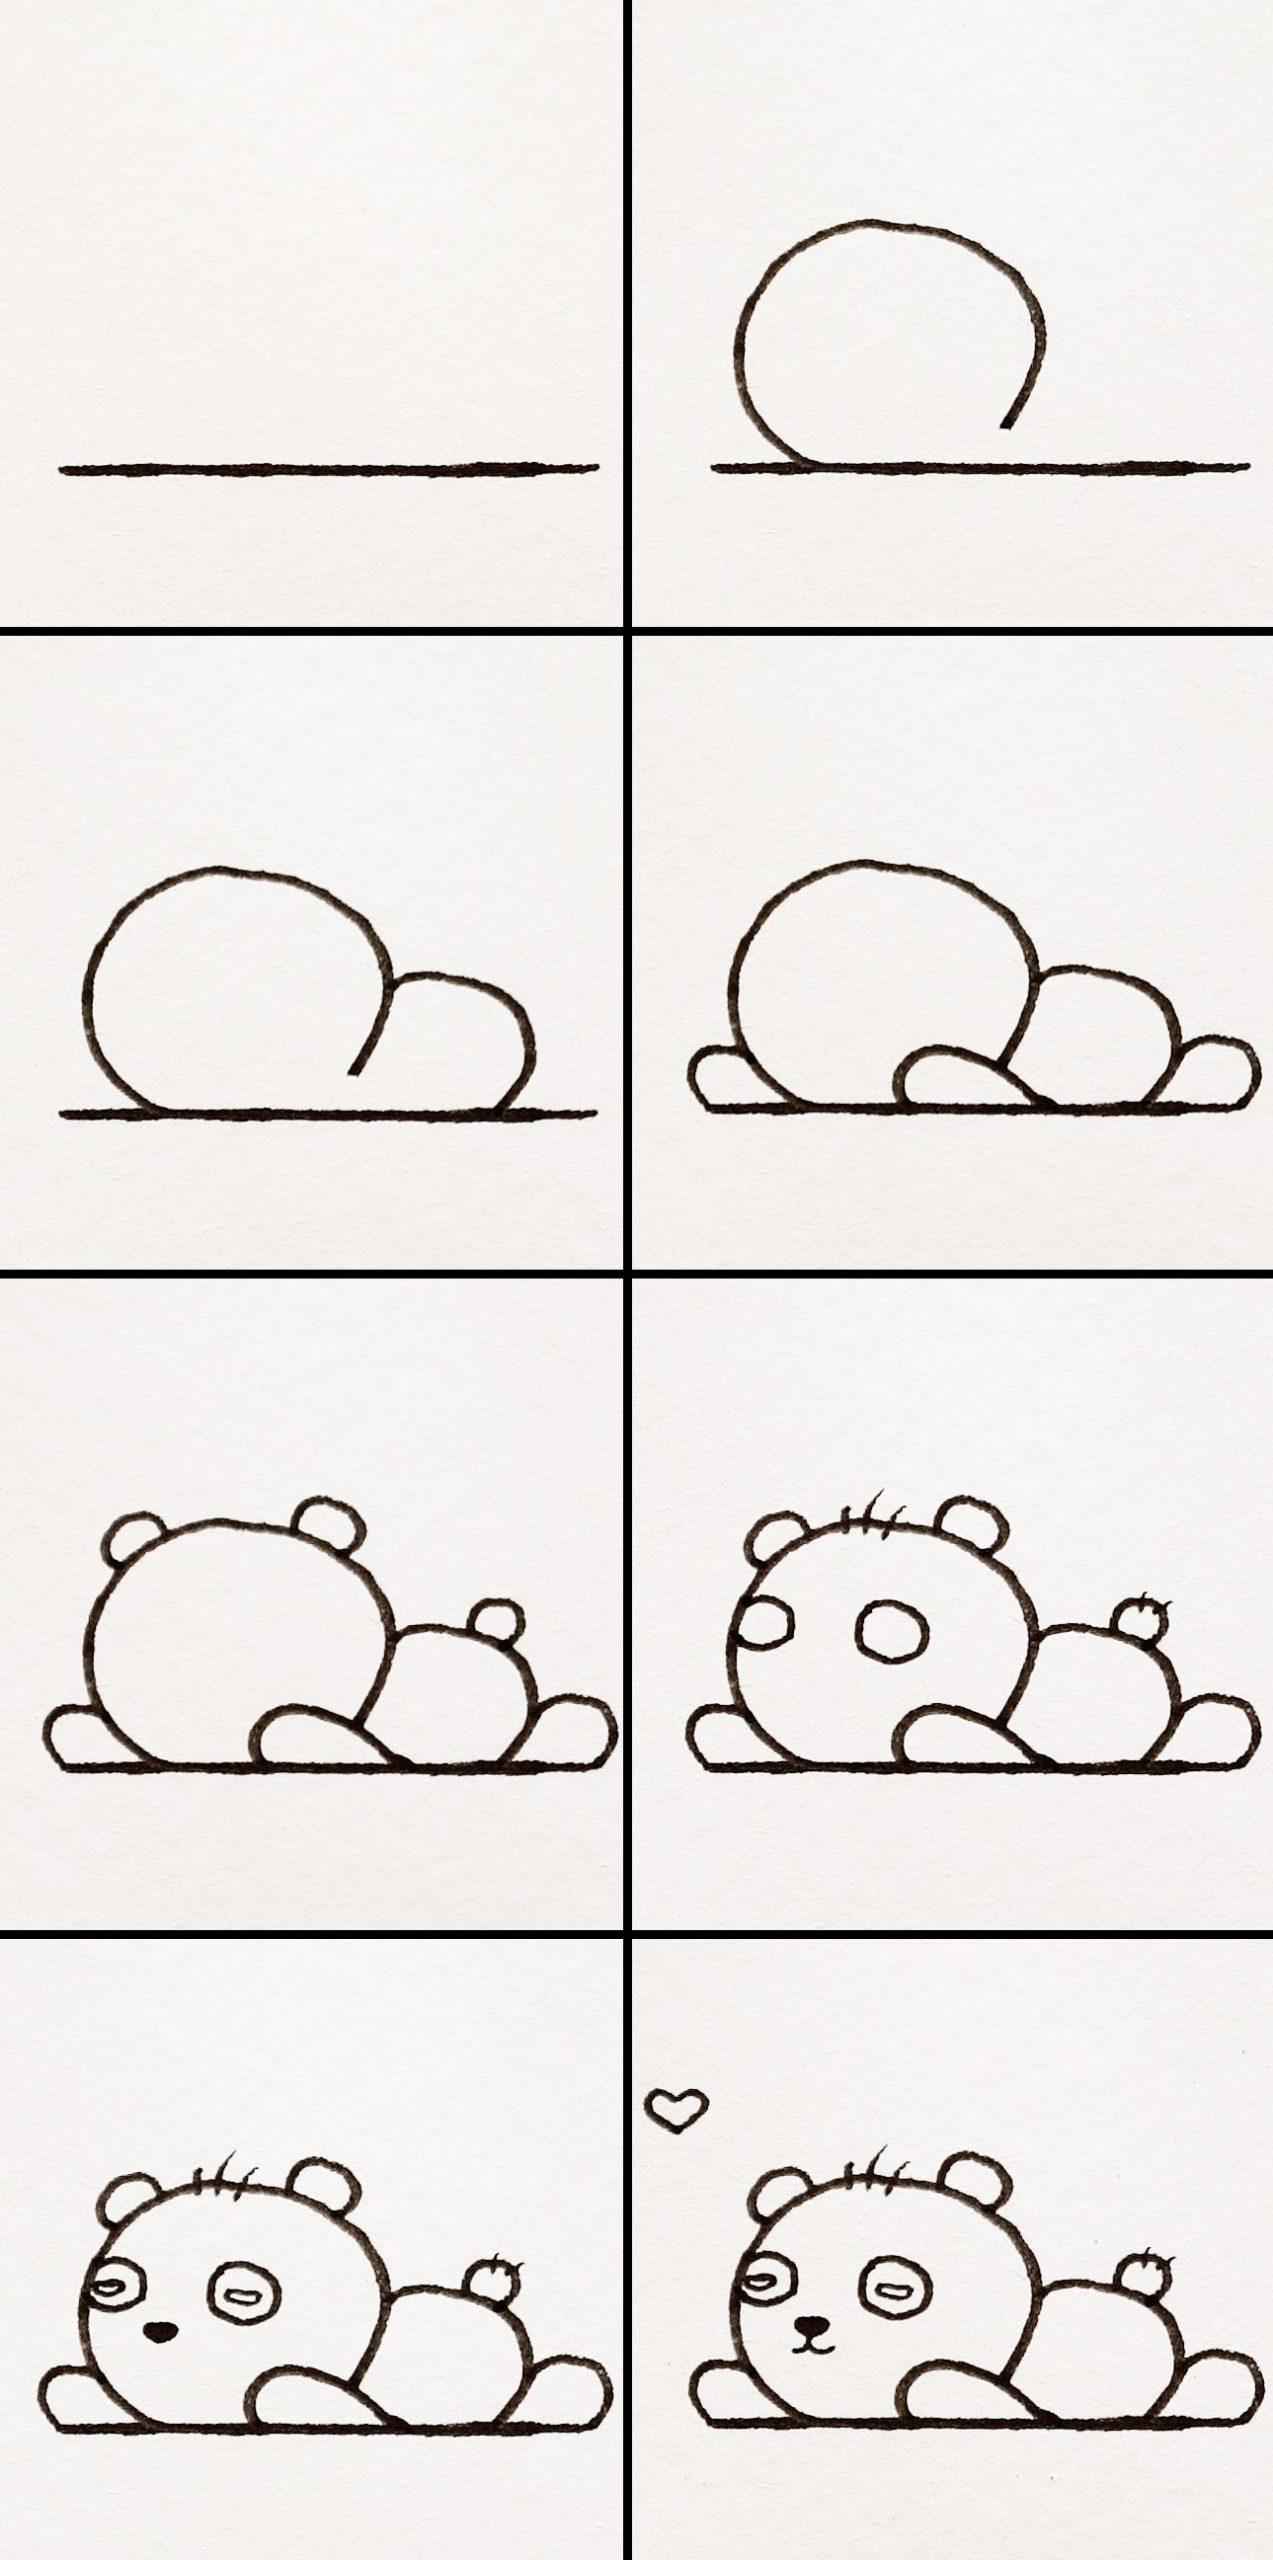 Voici une autre façon simple de dessiner un panda.